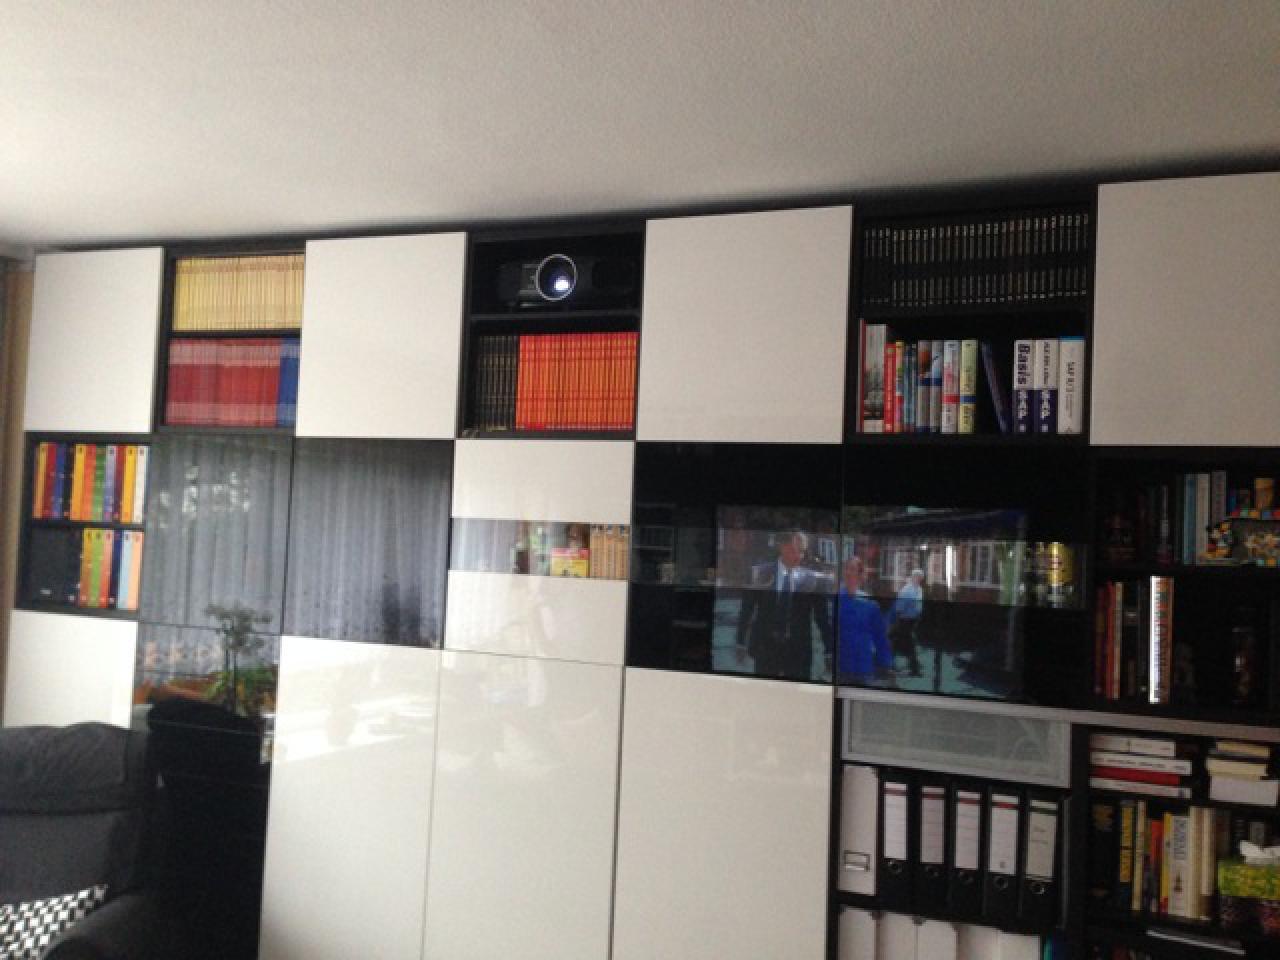 Heimkino wohnzimmer bauen – dumss.com